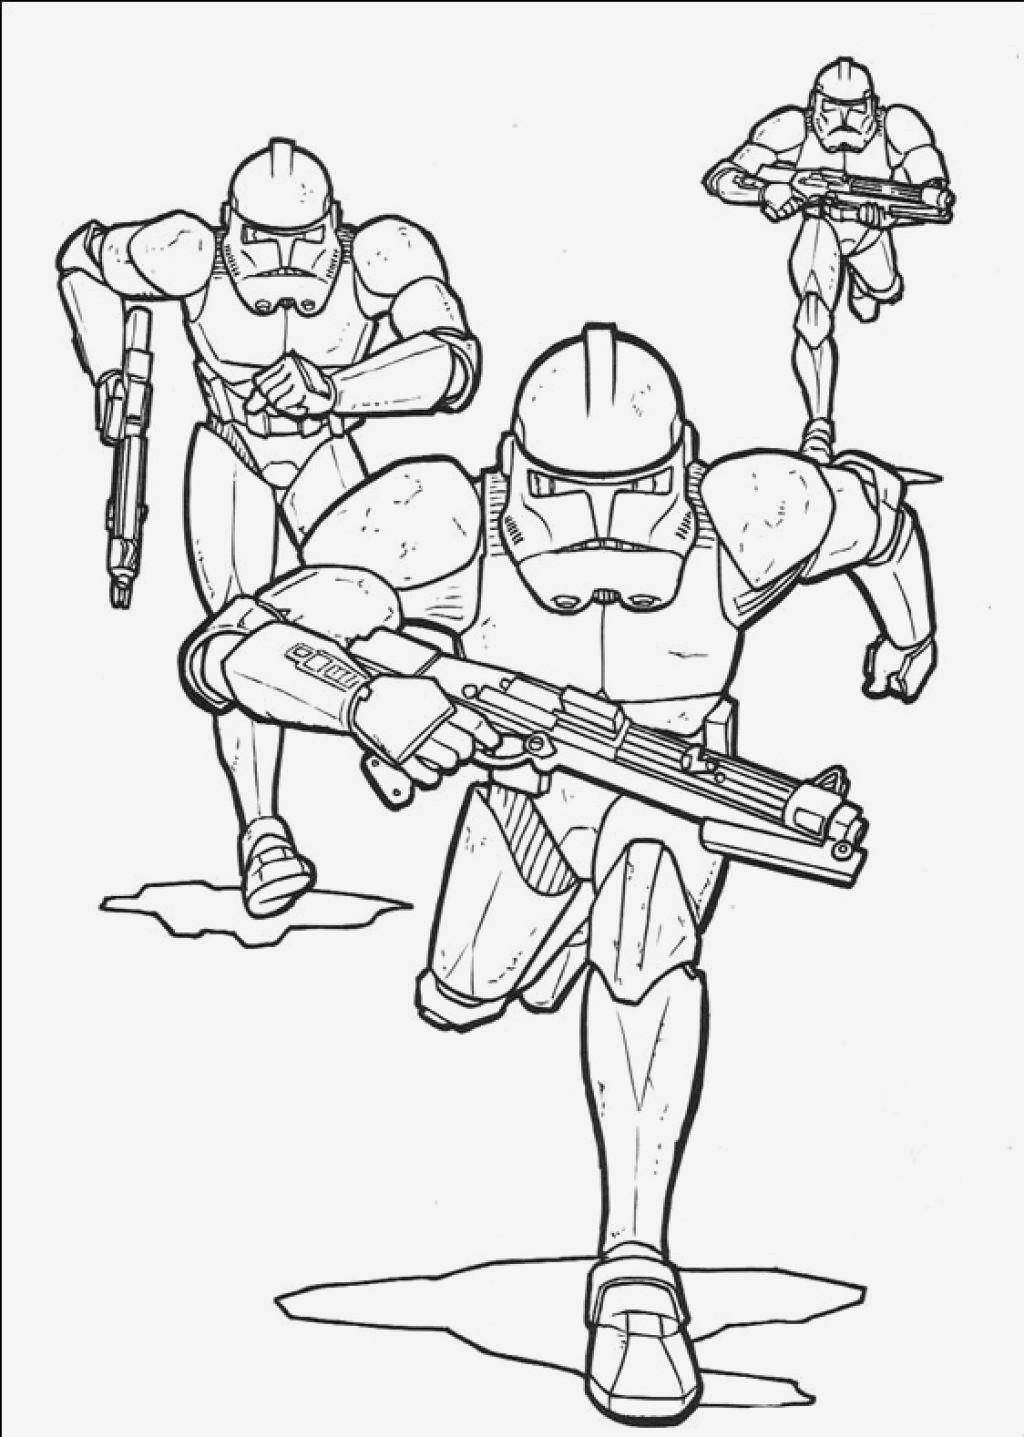 Star Wars Ausmalbilder General Grievous Frisch Star Wars Ausmalbilder General Grievous Schön Malvorlagen Star Wars Bild